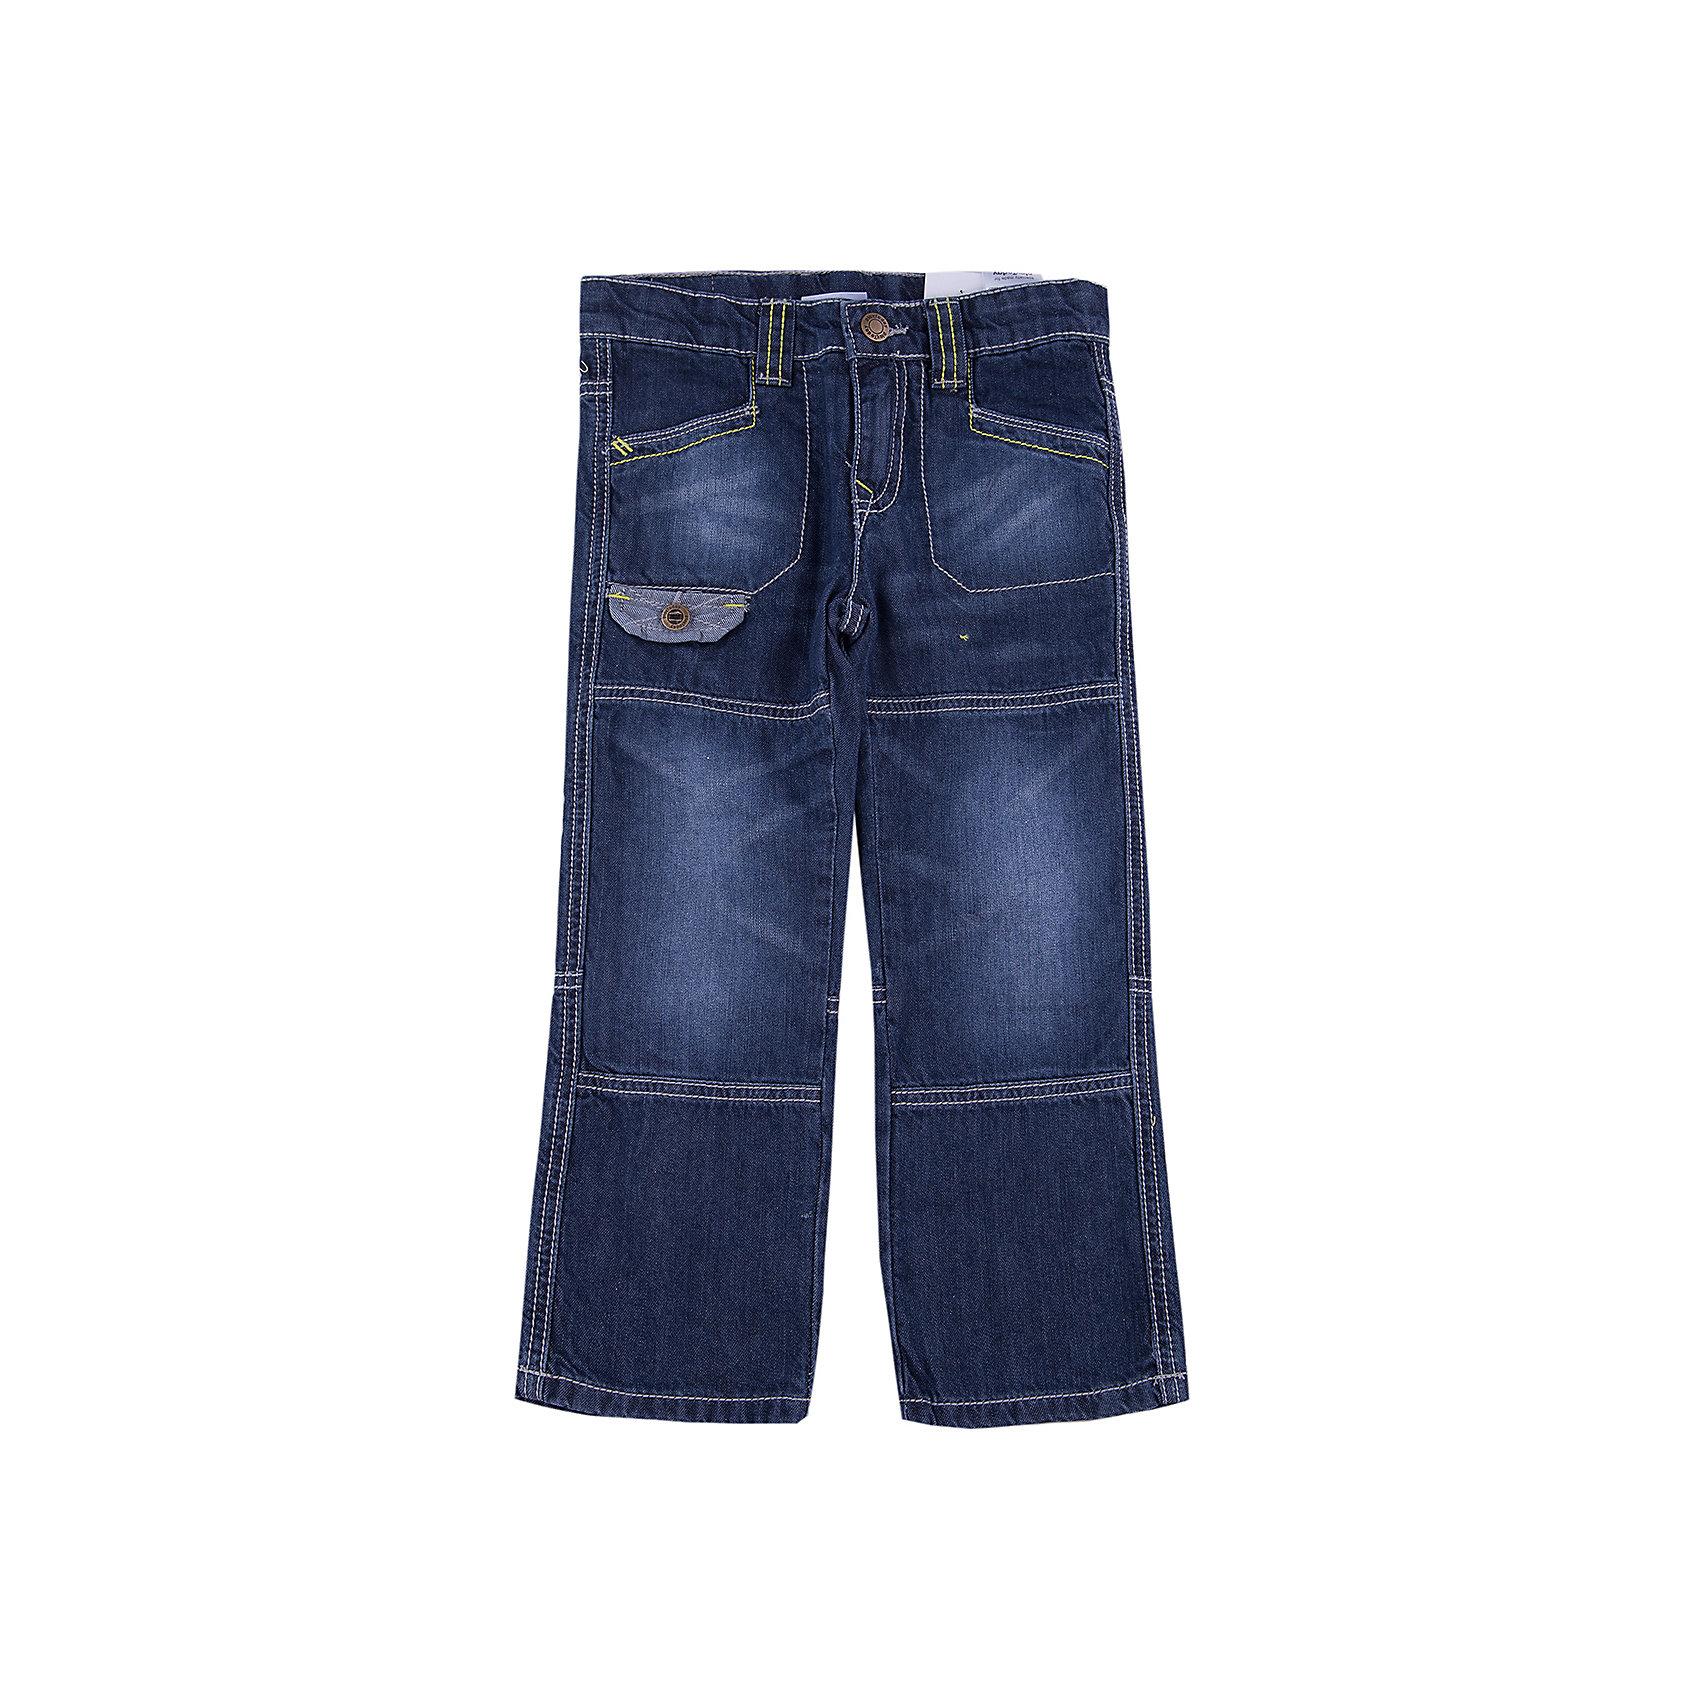 Джинсы для мальчика PlayTodayДжинсы для мальчика от известного бренда PlayToday.<br>Стильные джинсы с модными потертостями. Внутри мягкая трикотажная подкладка цвета серый меланж. Есть 4 функциональных кармашка. Отделка карманов выполнена из изнаночной стороны джинсового материала.<br>Состав:<br>Верх: 100% хлопок. Подкладка: 50% хлопок, 50% полиэстер<br><br>Ширина мм: 215<br>Глубина мм: 88<br>Высота мм: 191<br>Вес г: 336<br>Цвет: синий<br>Возраст от месяцев: 72<br>Возраст до месяцев: 84<br>Пол: Мужской<br>Возраст: Детский<br>Размер: 122,116,104,128,110,98<br>SKU: 4896586